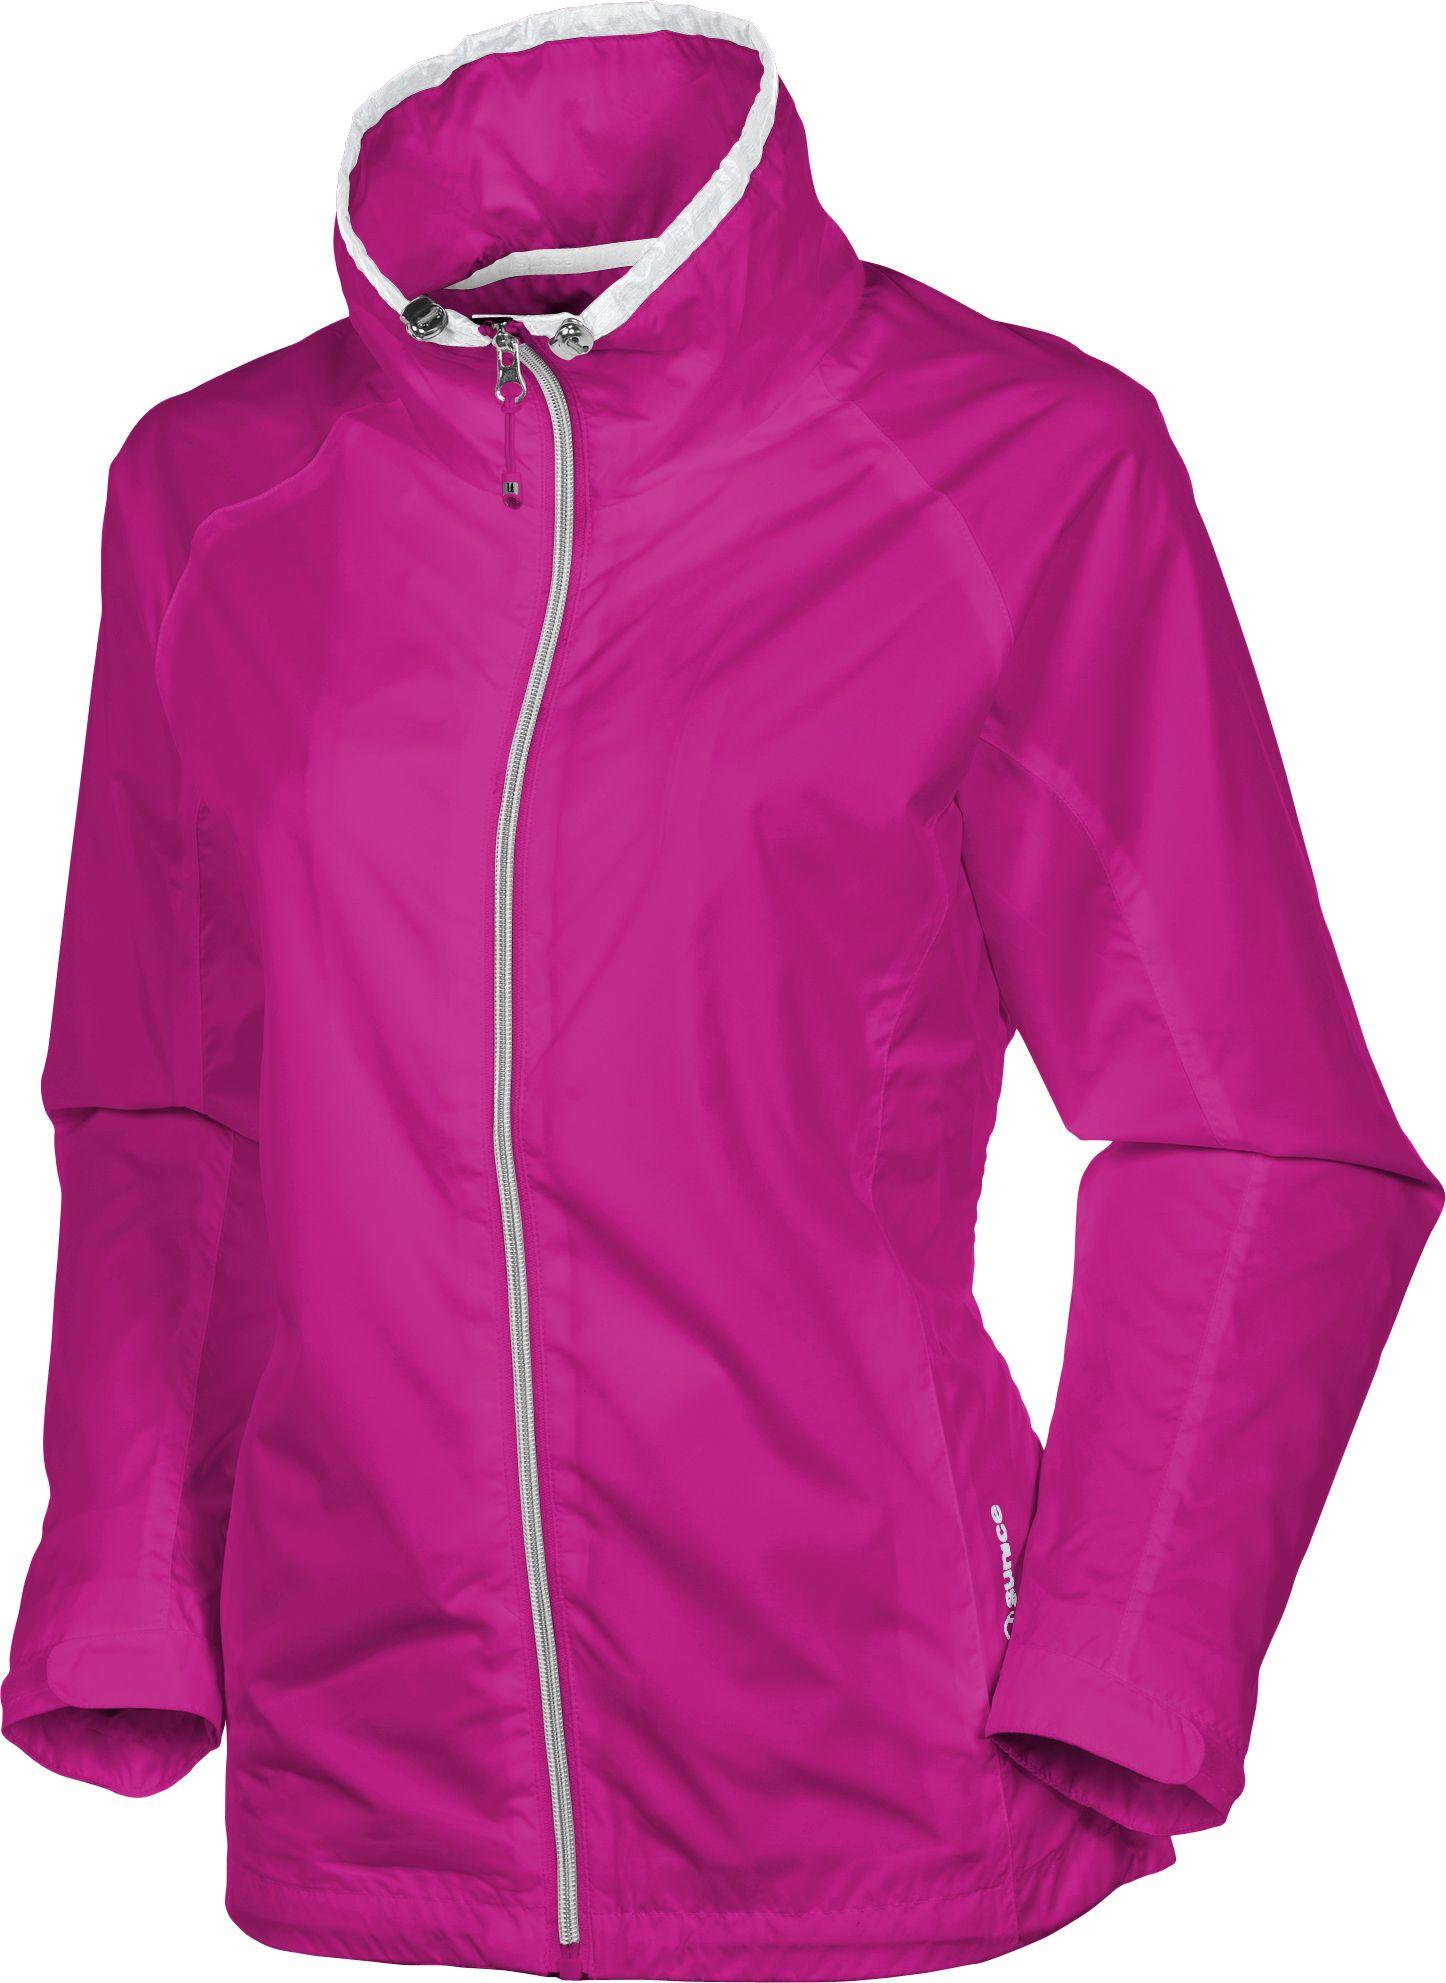 Sunice Women's Bella Full Zip Plaid Wind Long Sleeve Jacket